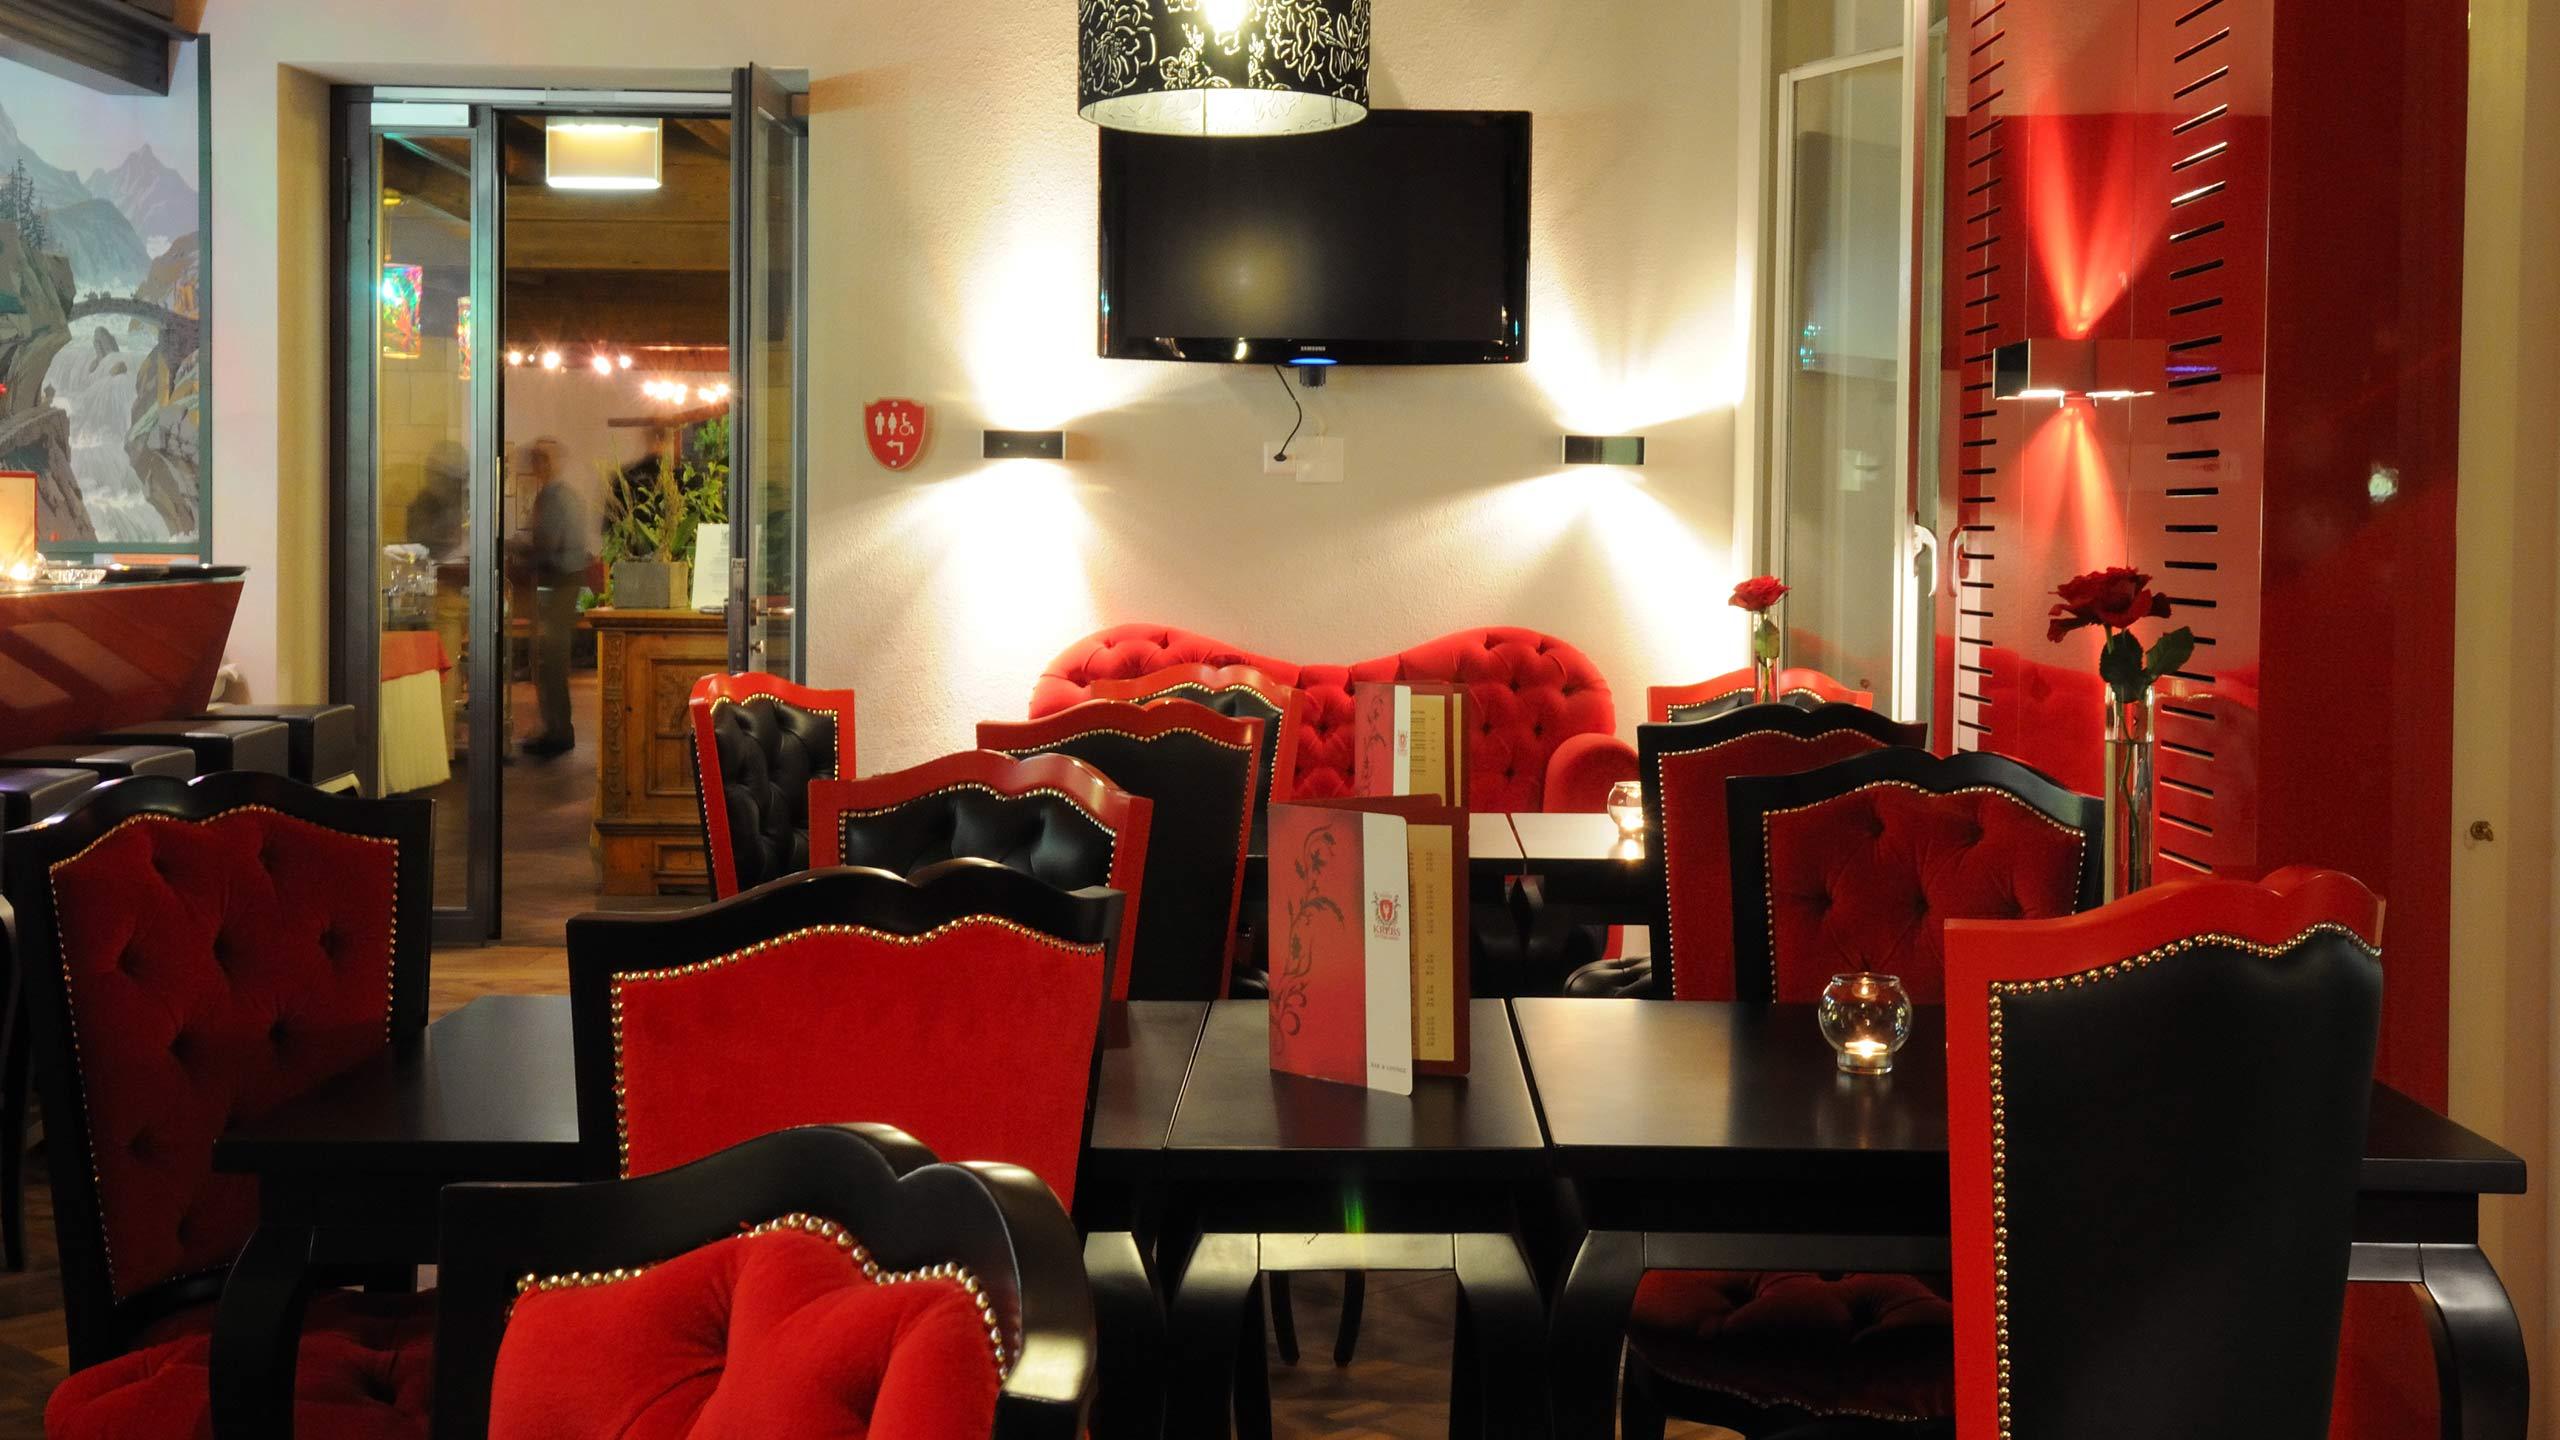 hotel-krebs-restaurant-bar-ambiente.jpg